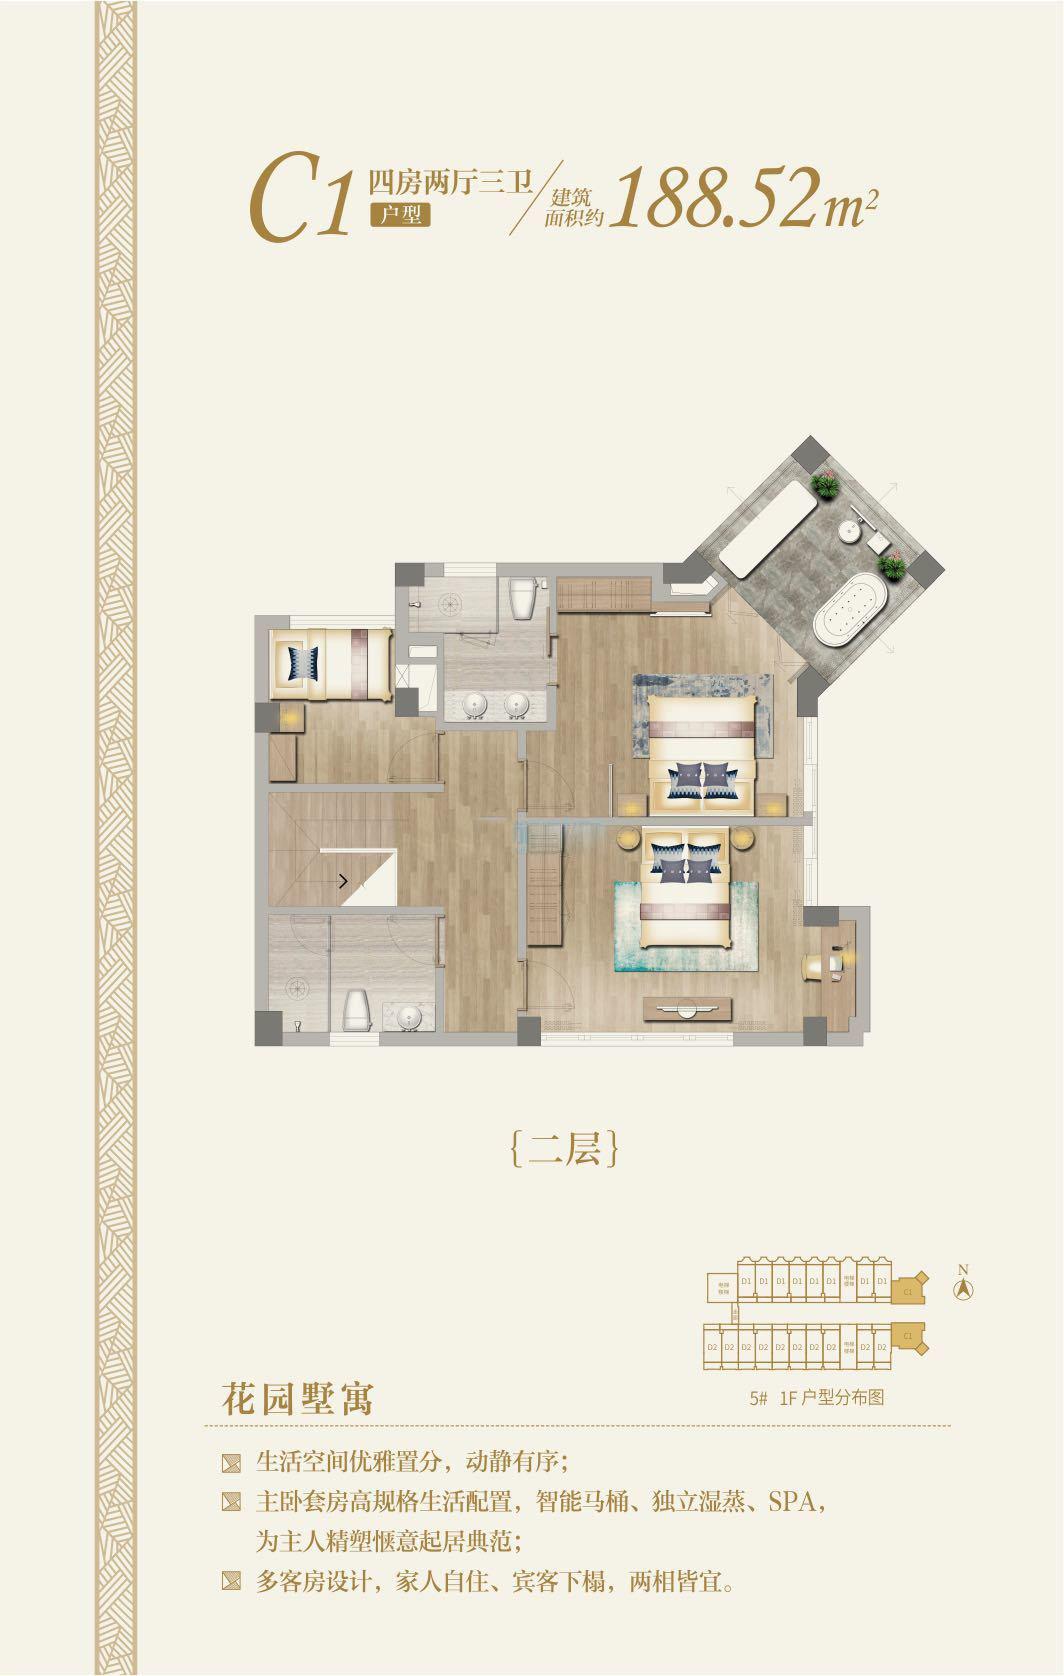 国玺二十五院花园墅寓C1户型 4房2厅1厨3卫 建筑面积:188.52㎡